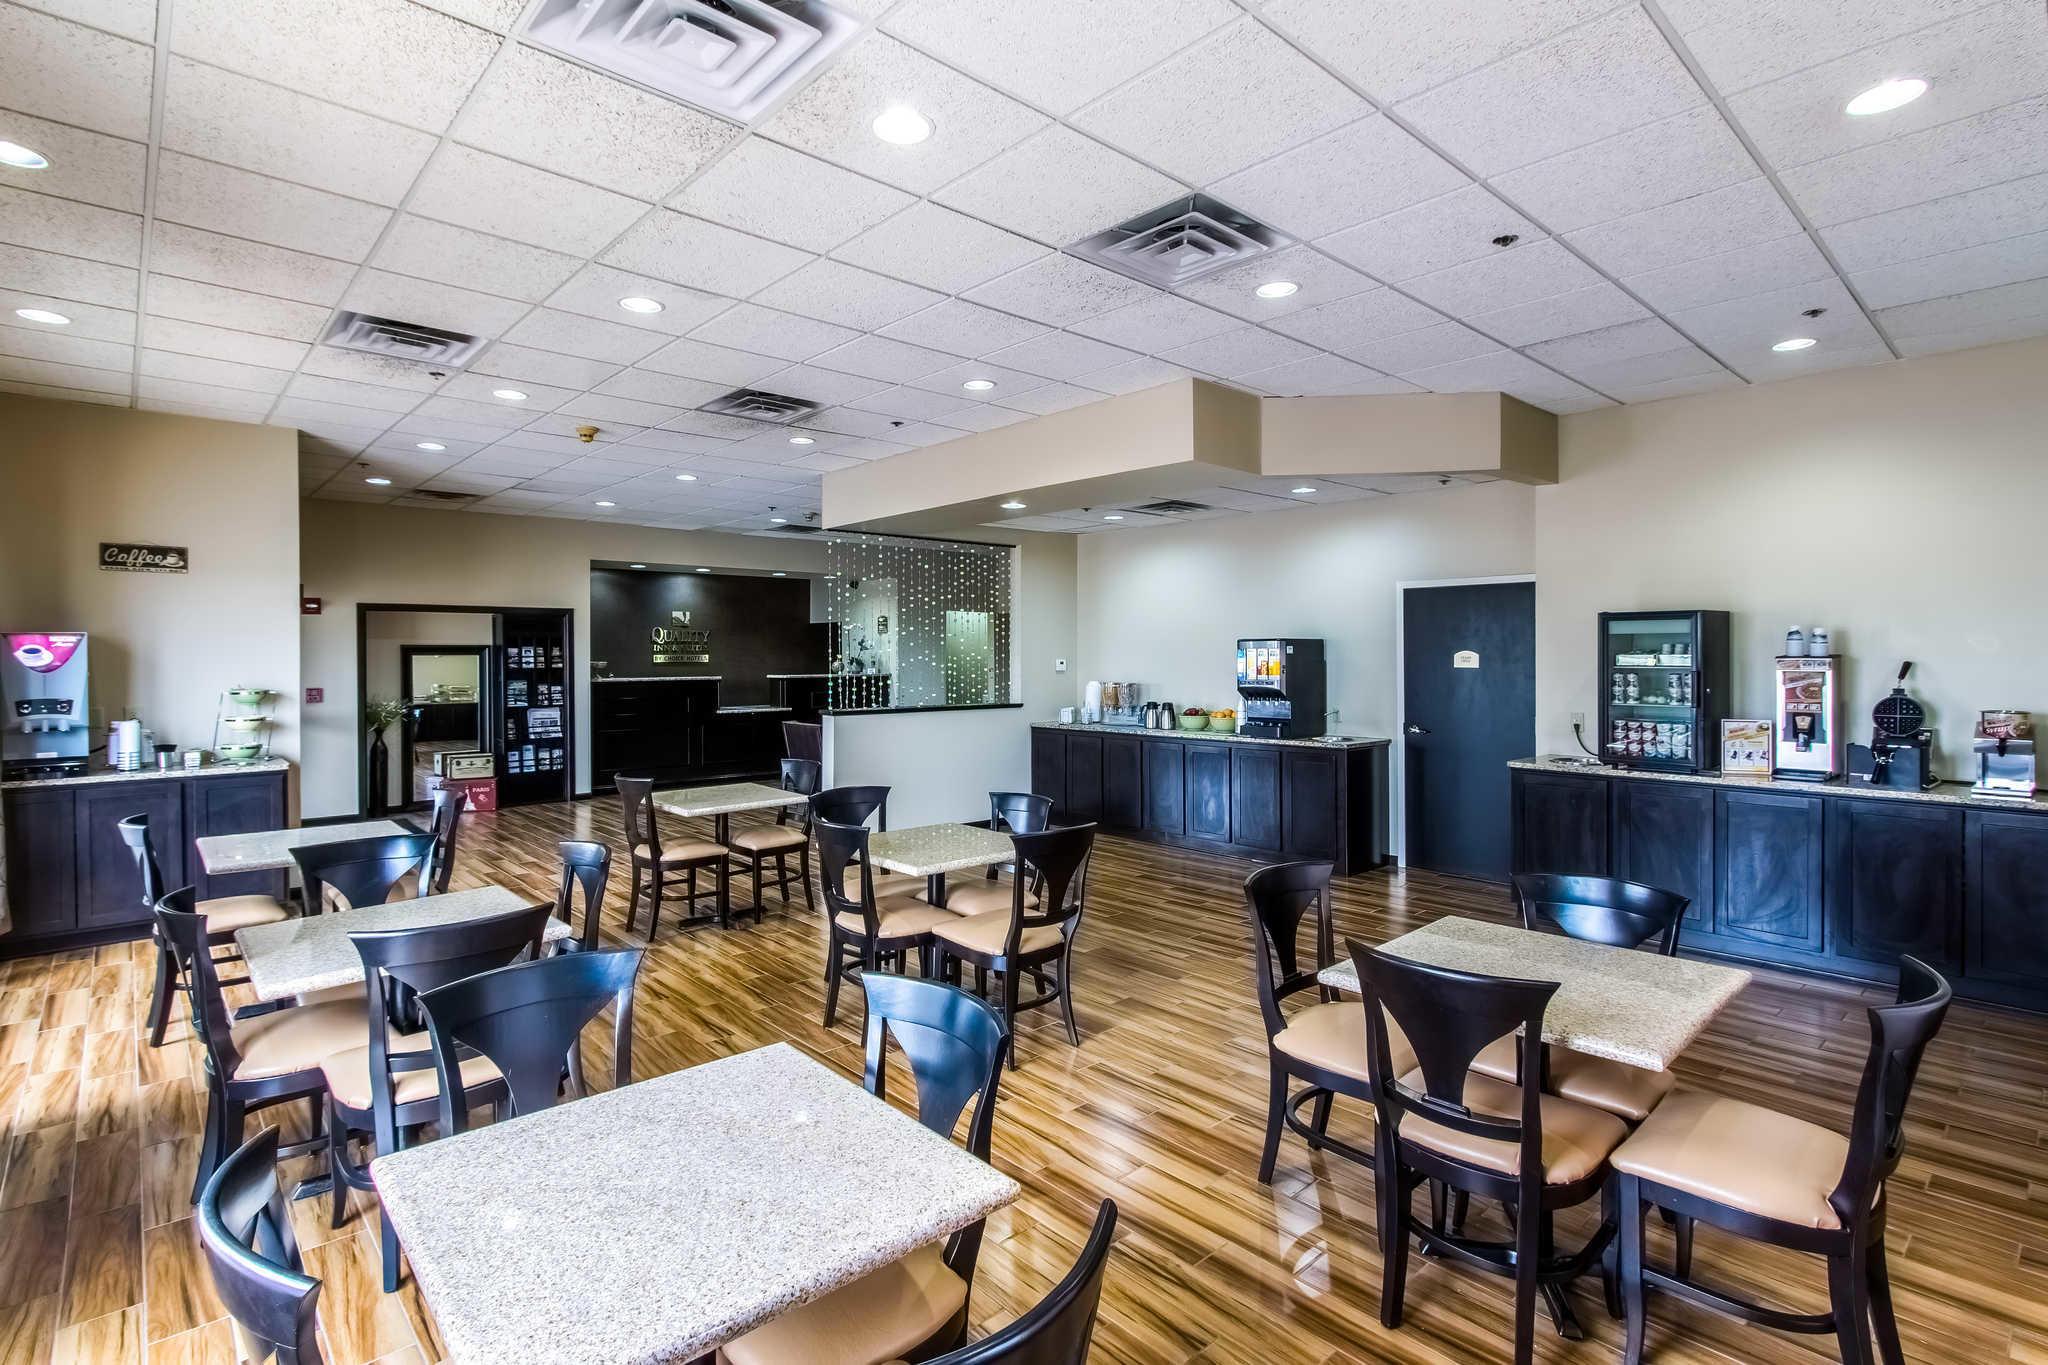 Quality Inn & Suites Moline - Quad Cities image 22